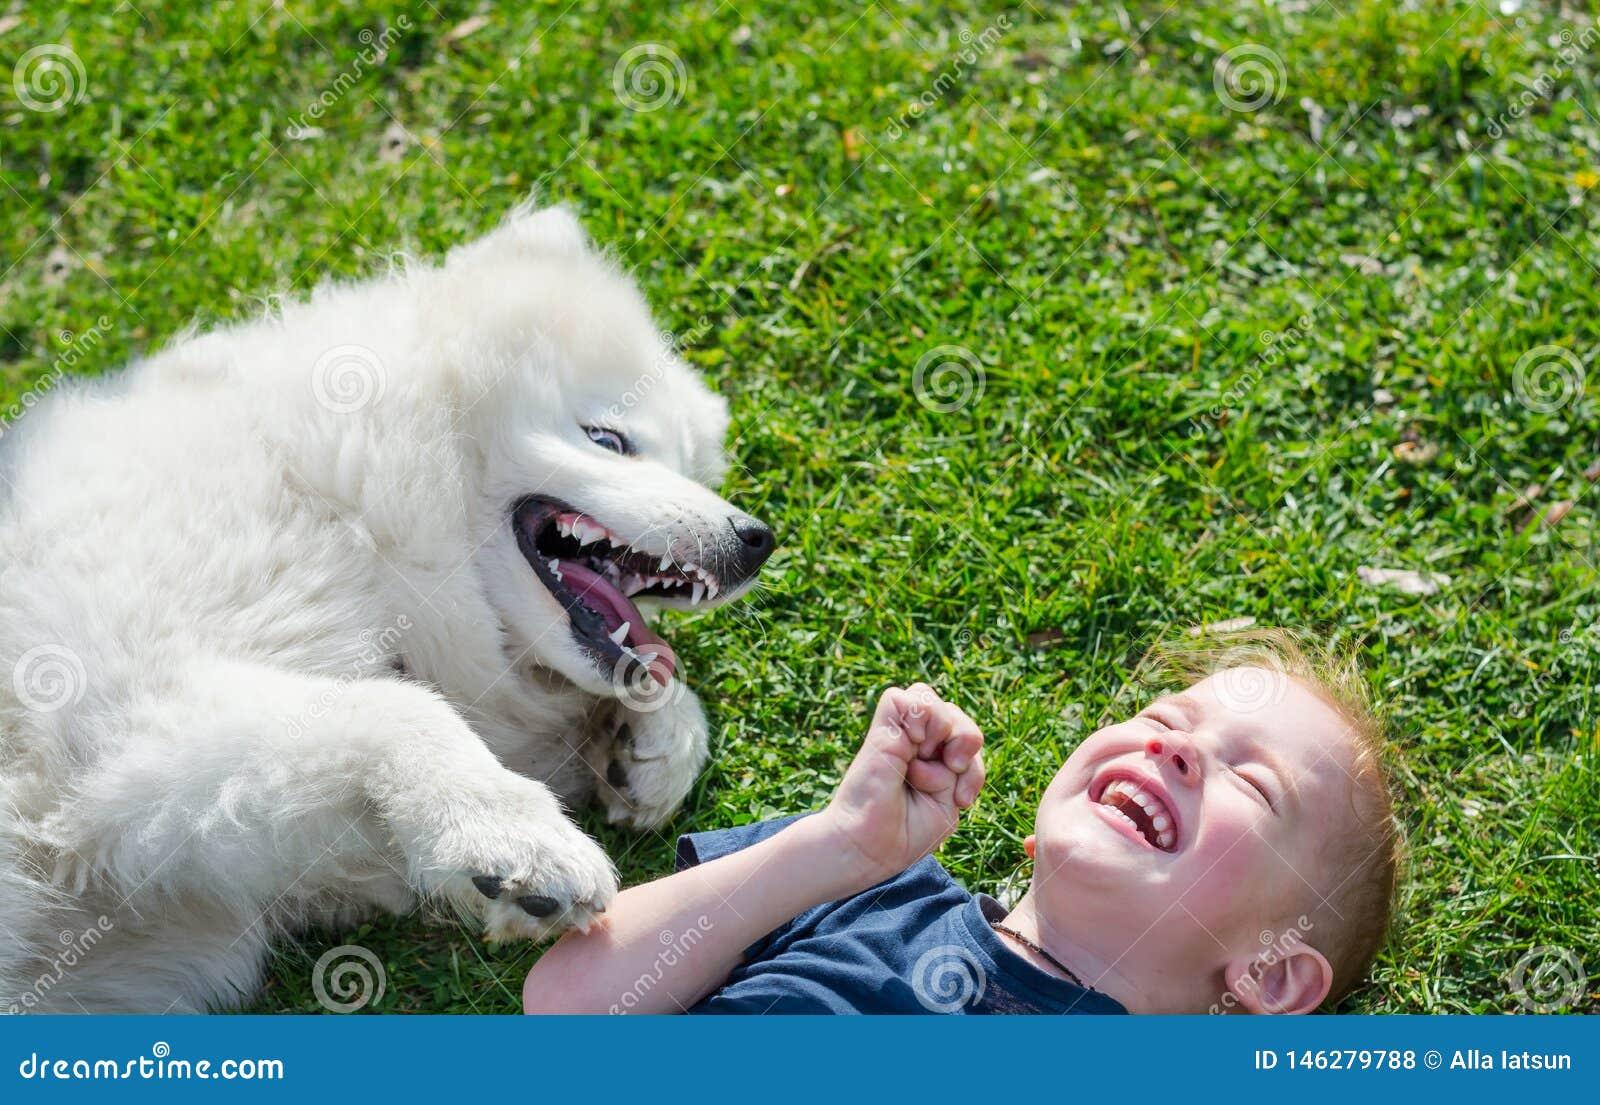 De jongen lacht liggend met een witte hond in het park op het gras in de lente